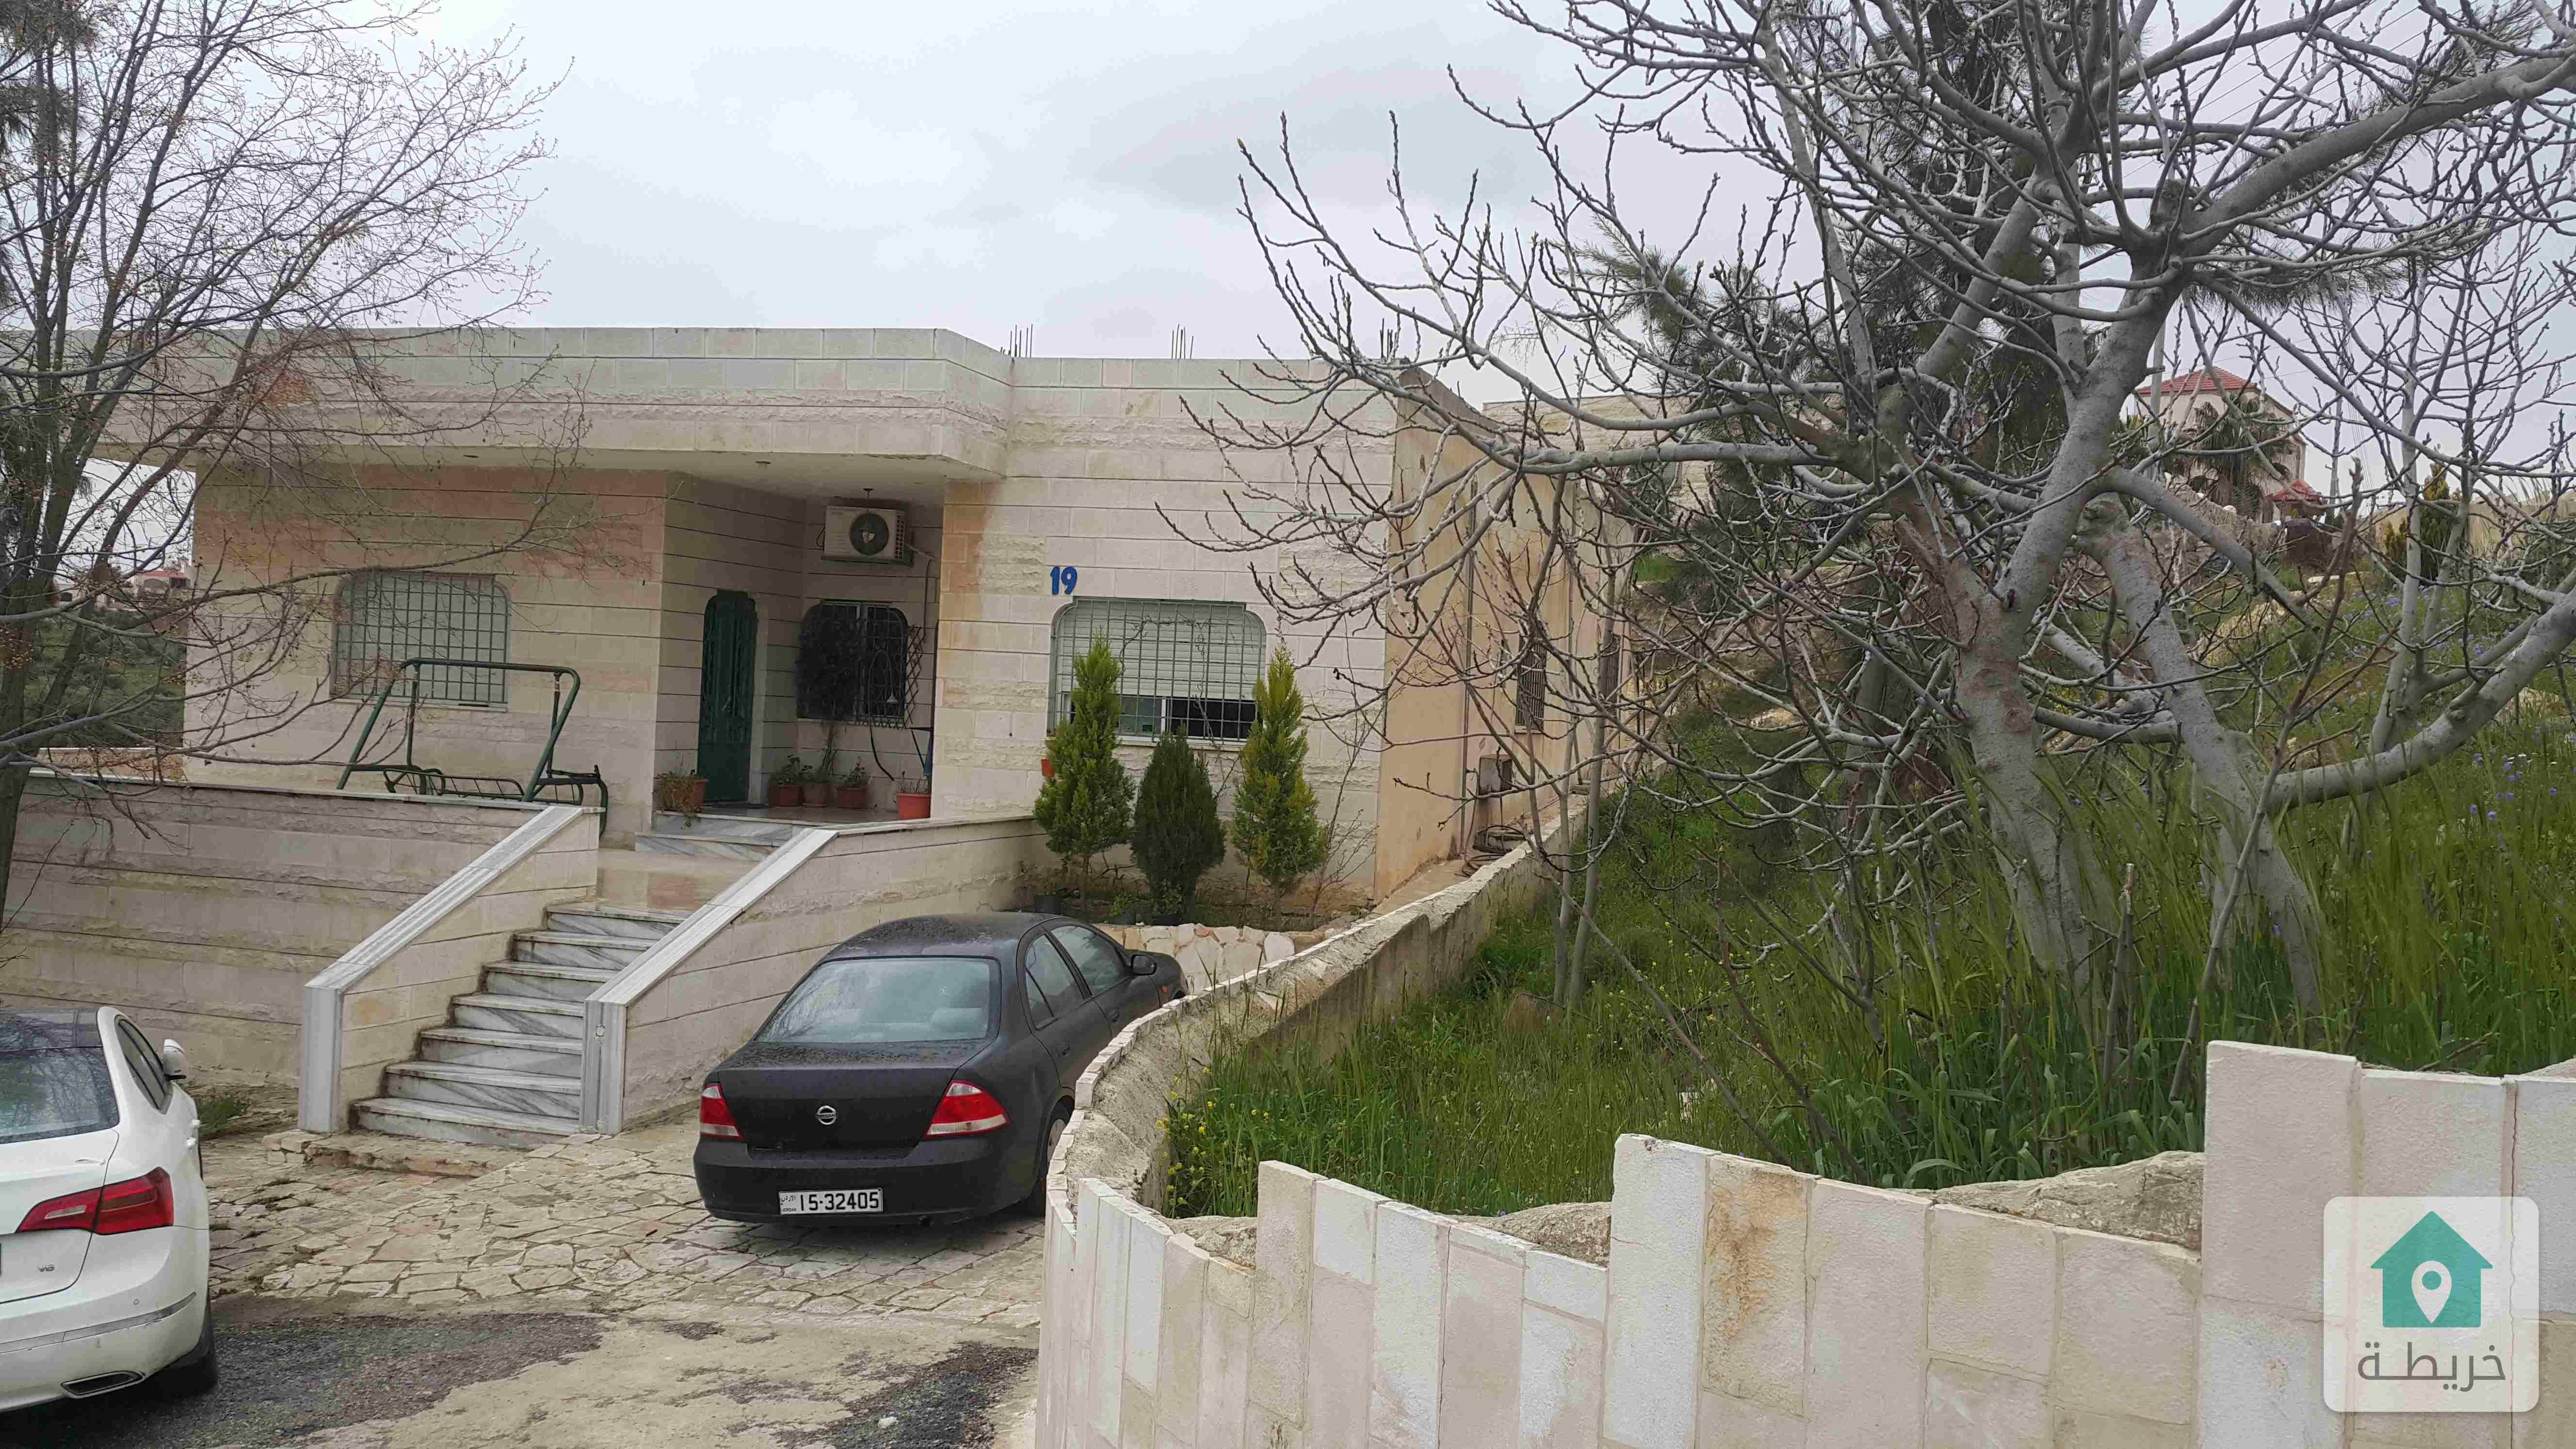 قطعة ارض مميزة في منطقة بدر الجديدة عليها بناء قائم